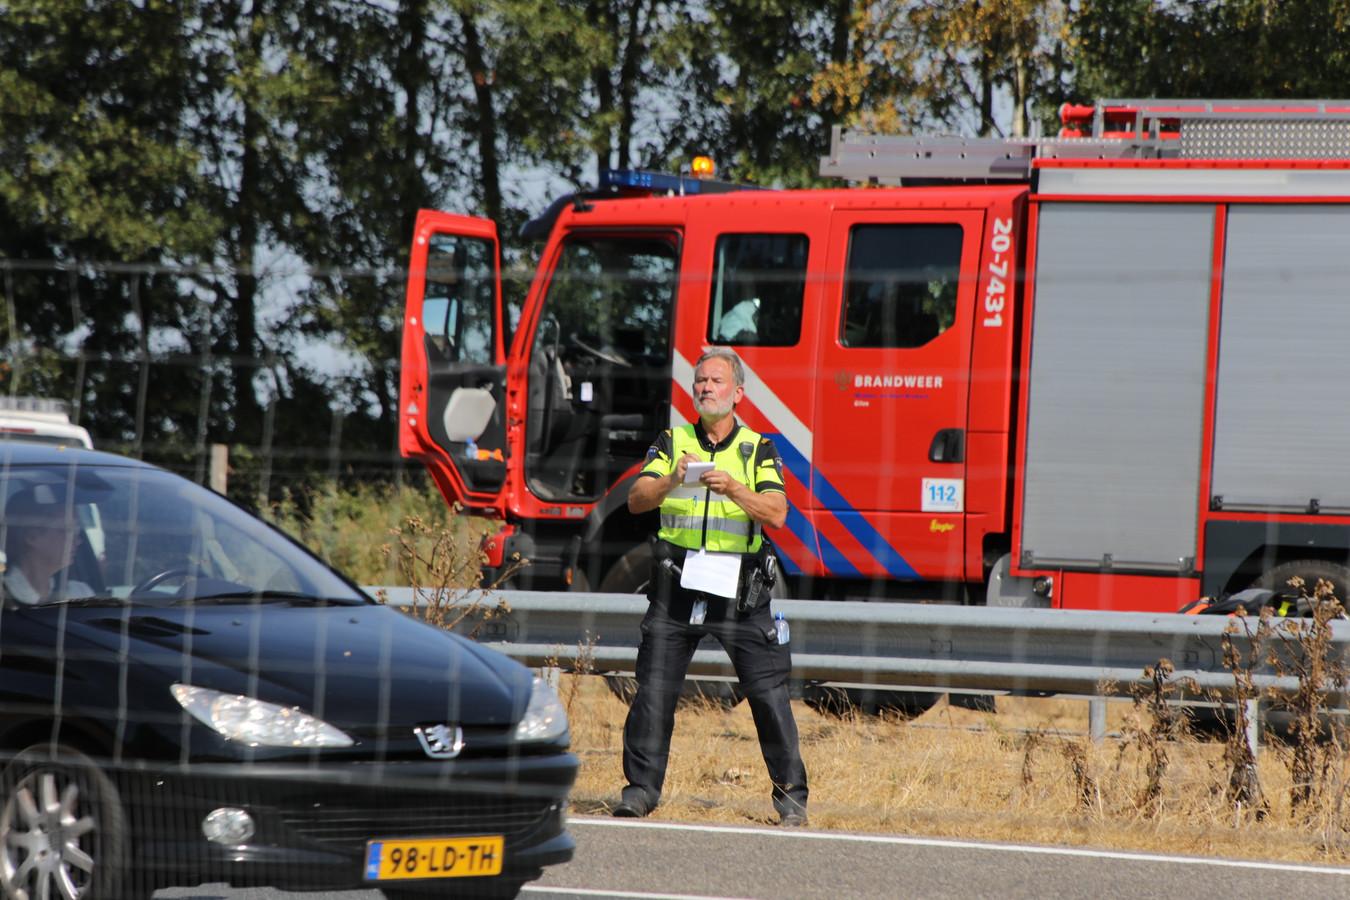 De politie heeft tientallen boetes uitgedeeld voor niet-handsfree bellen bij ongeluk op de A58.